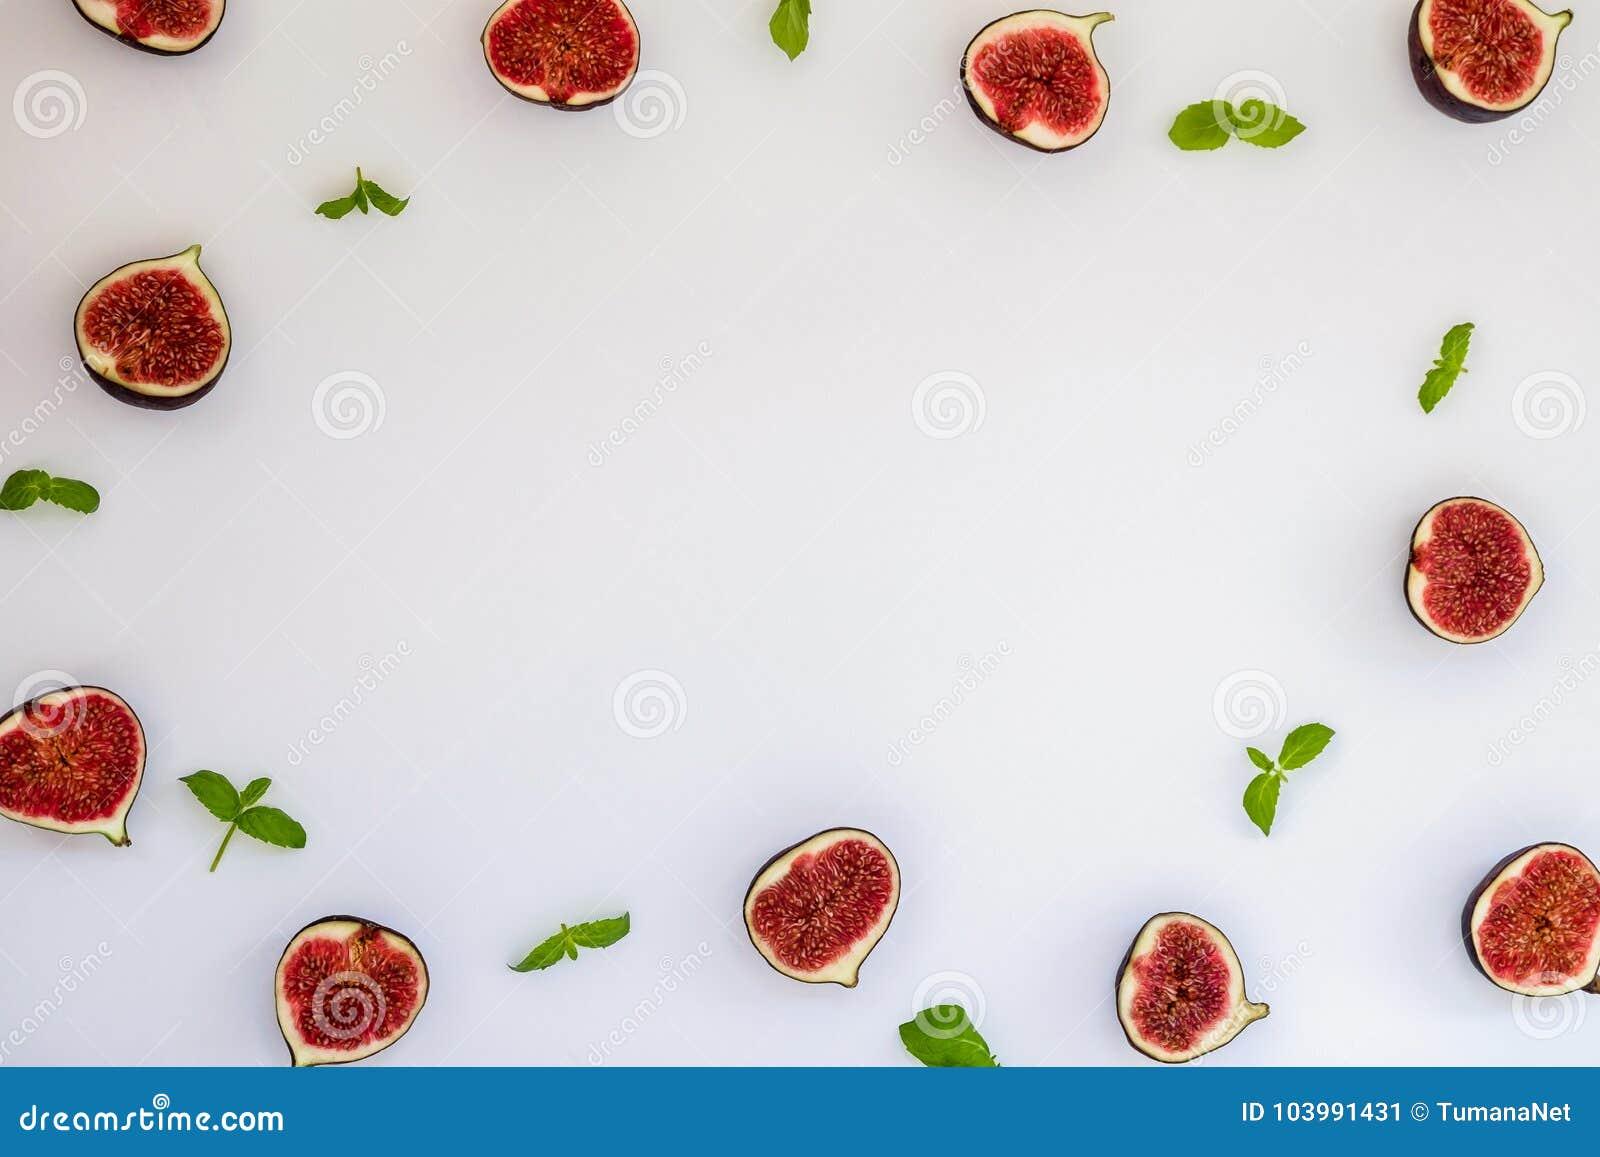 Modelo de higos maduros cortados con las hojas de menta aisladas en el fondo blanco Ejemplo de la fruta Foto de la comida Endecha